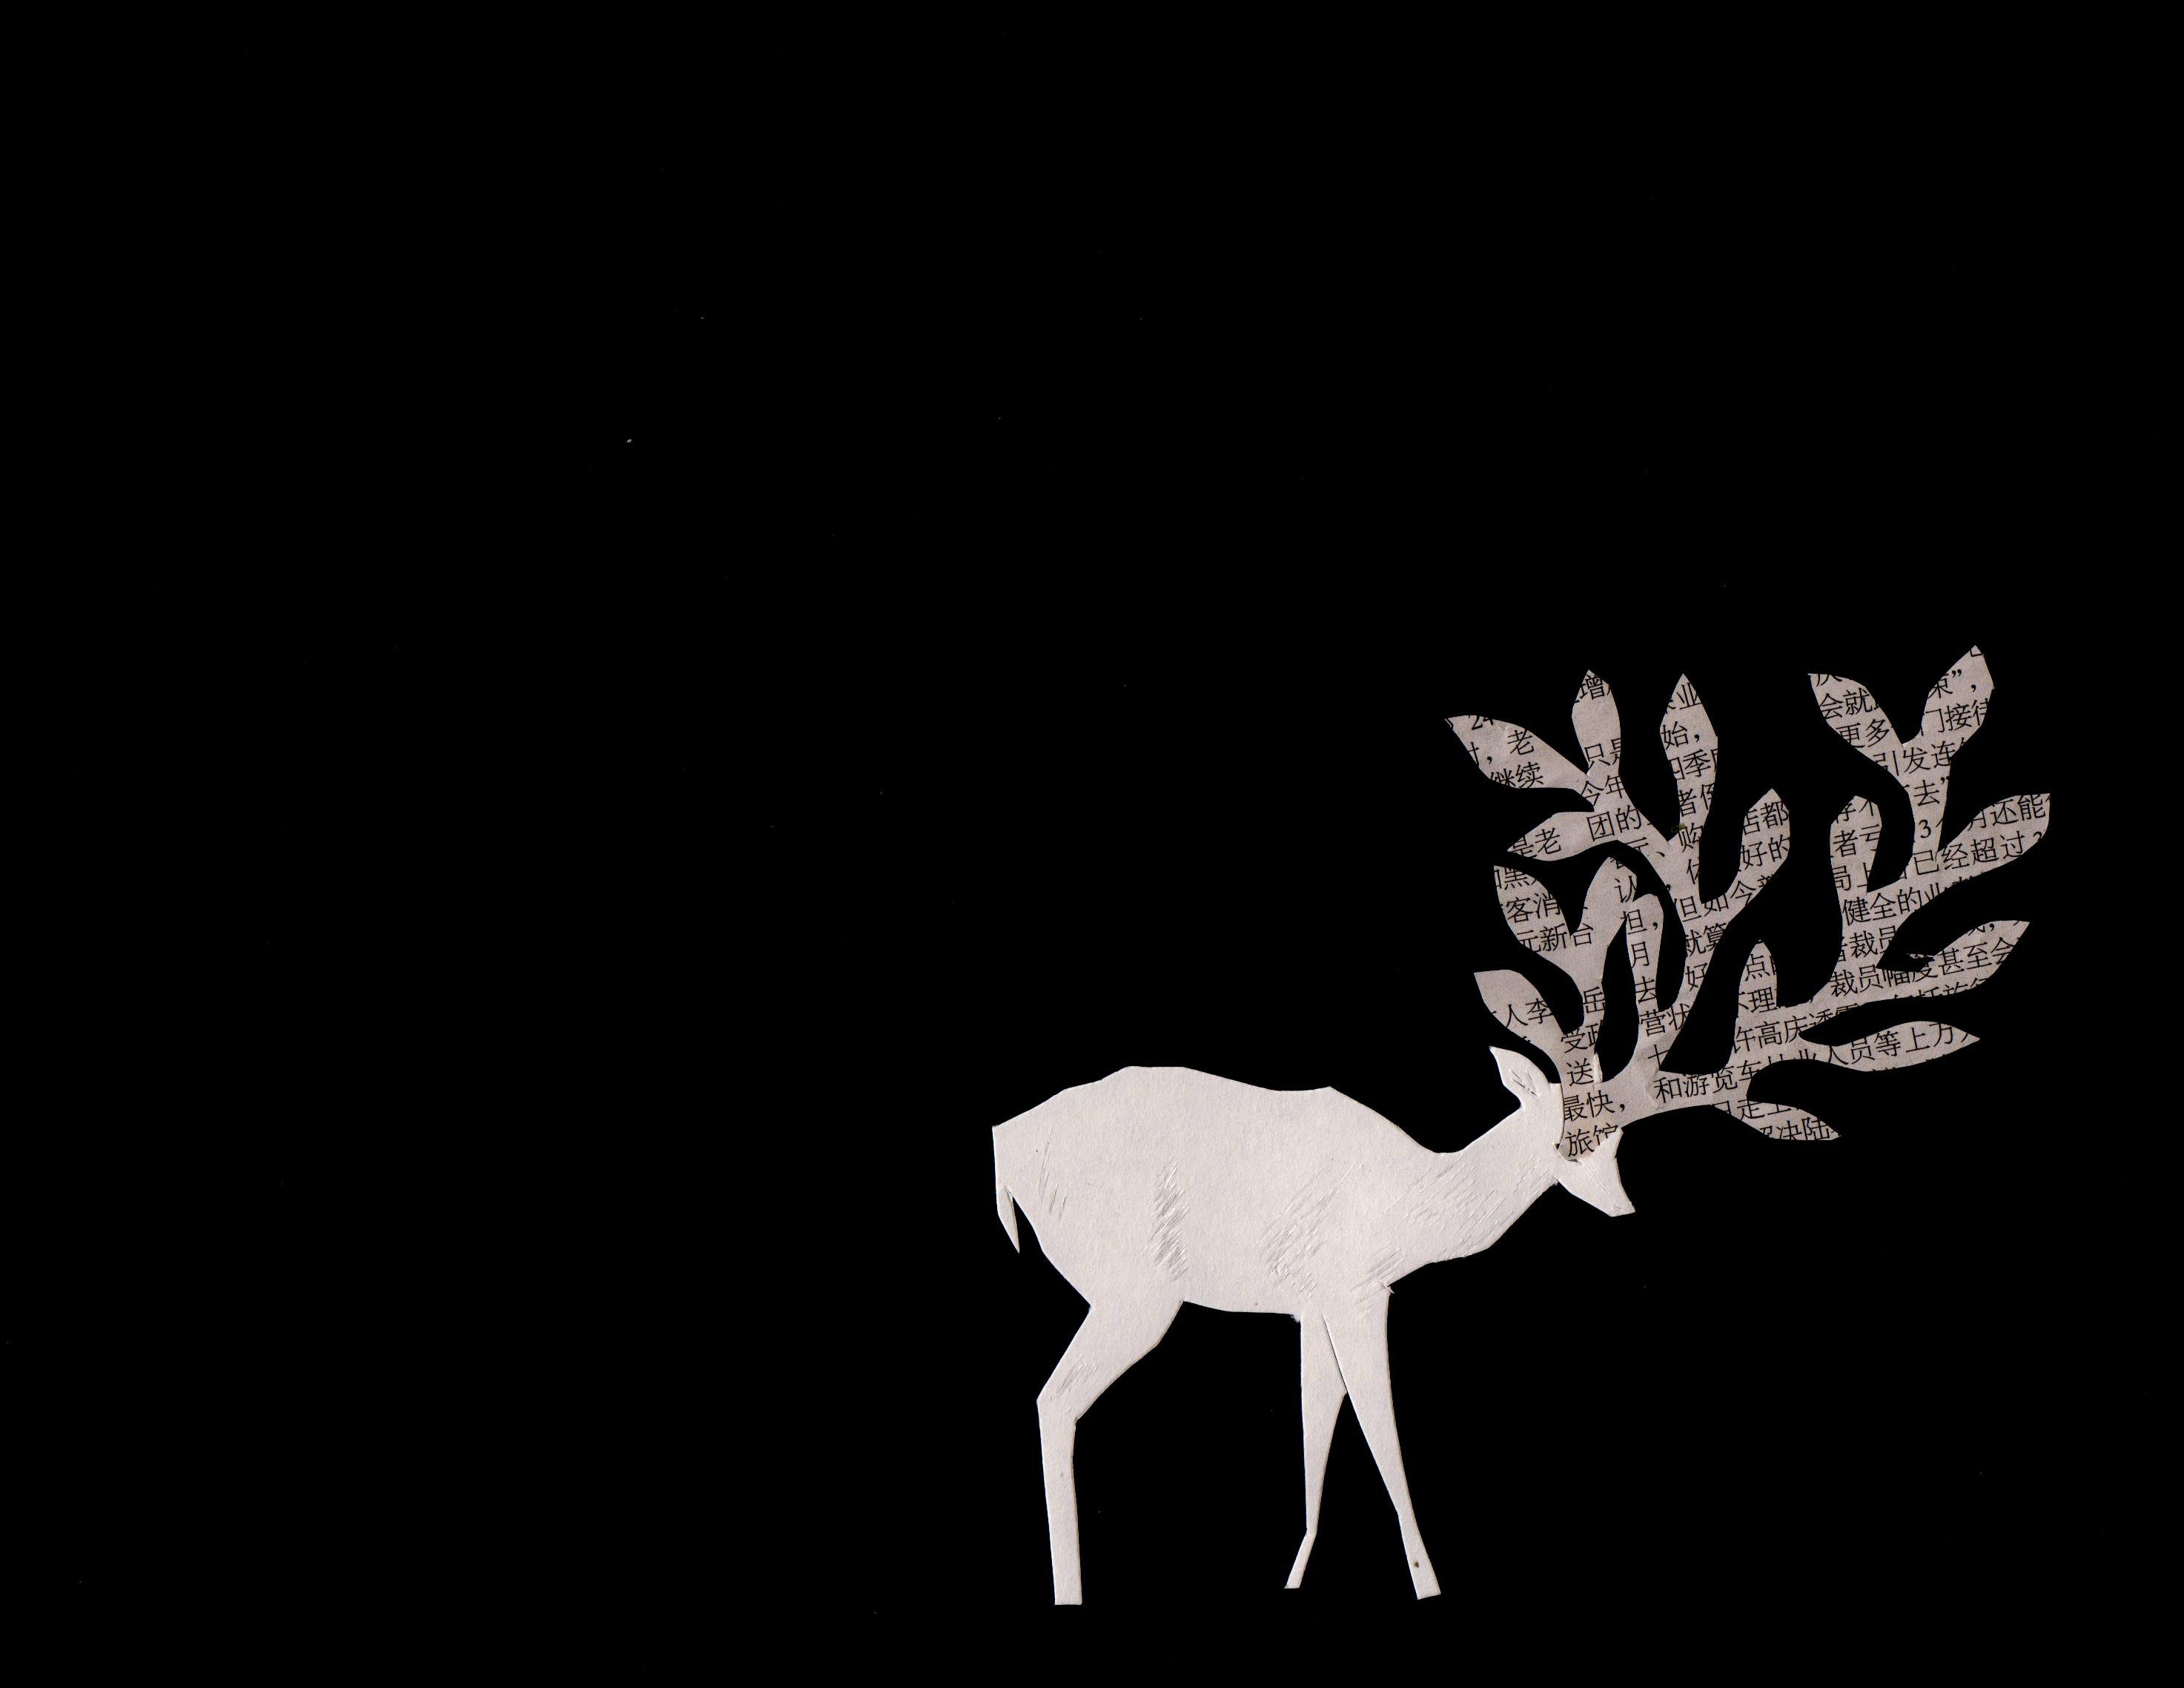 deerest